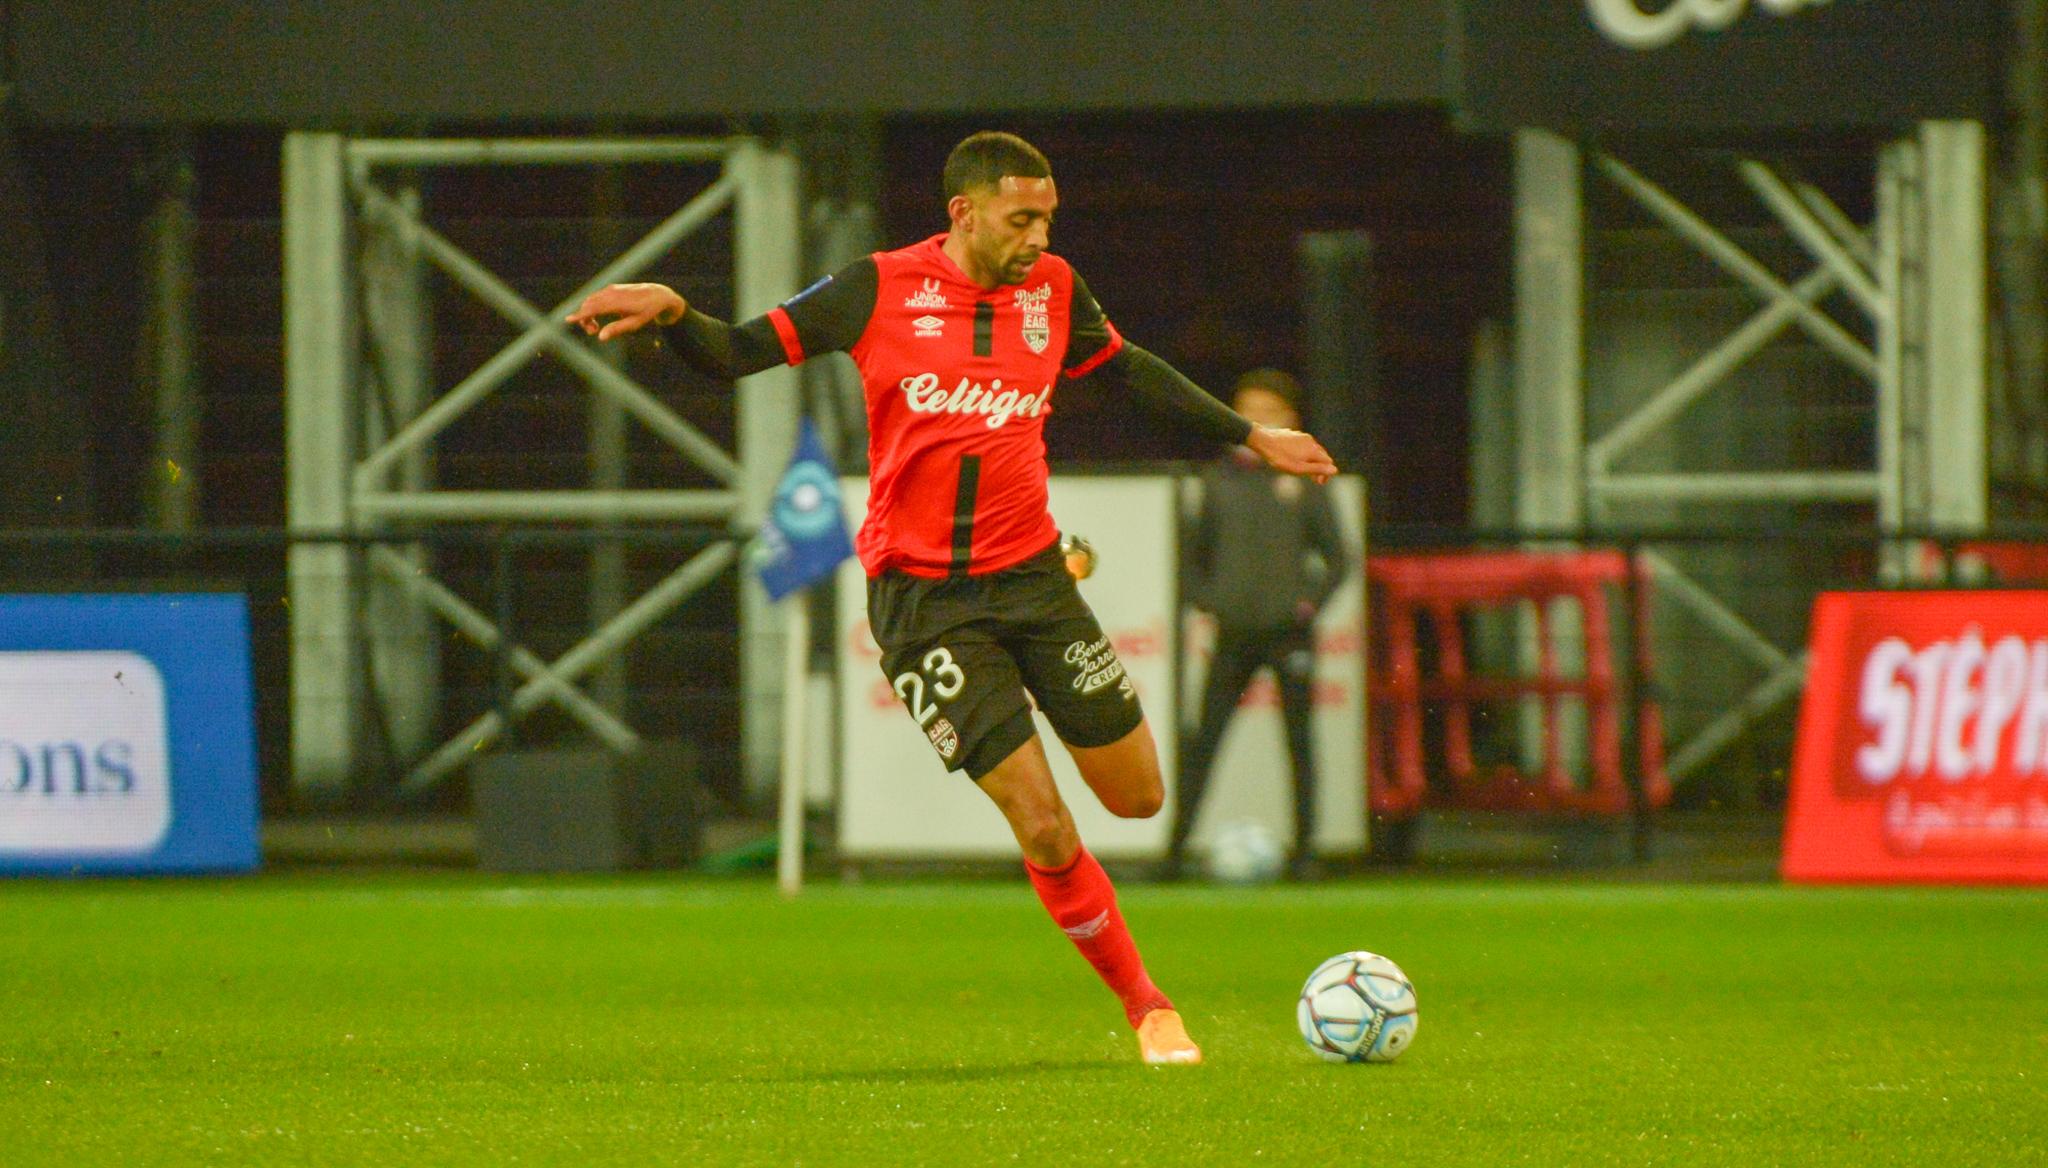 10 EA Guingamp SM Caen 2-2 Ligue 2 BKT Journée 26 2020-21 22 02 2021 EAGSMC